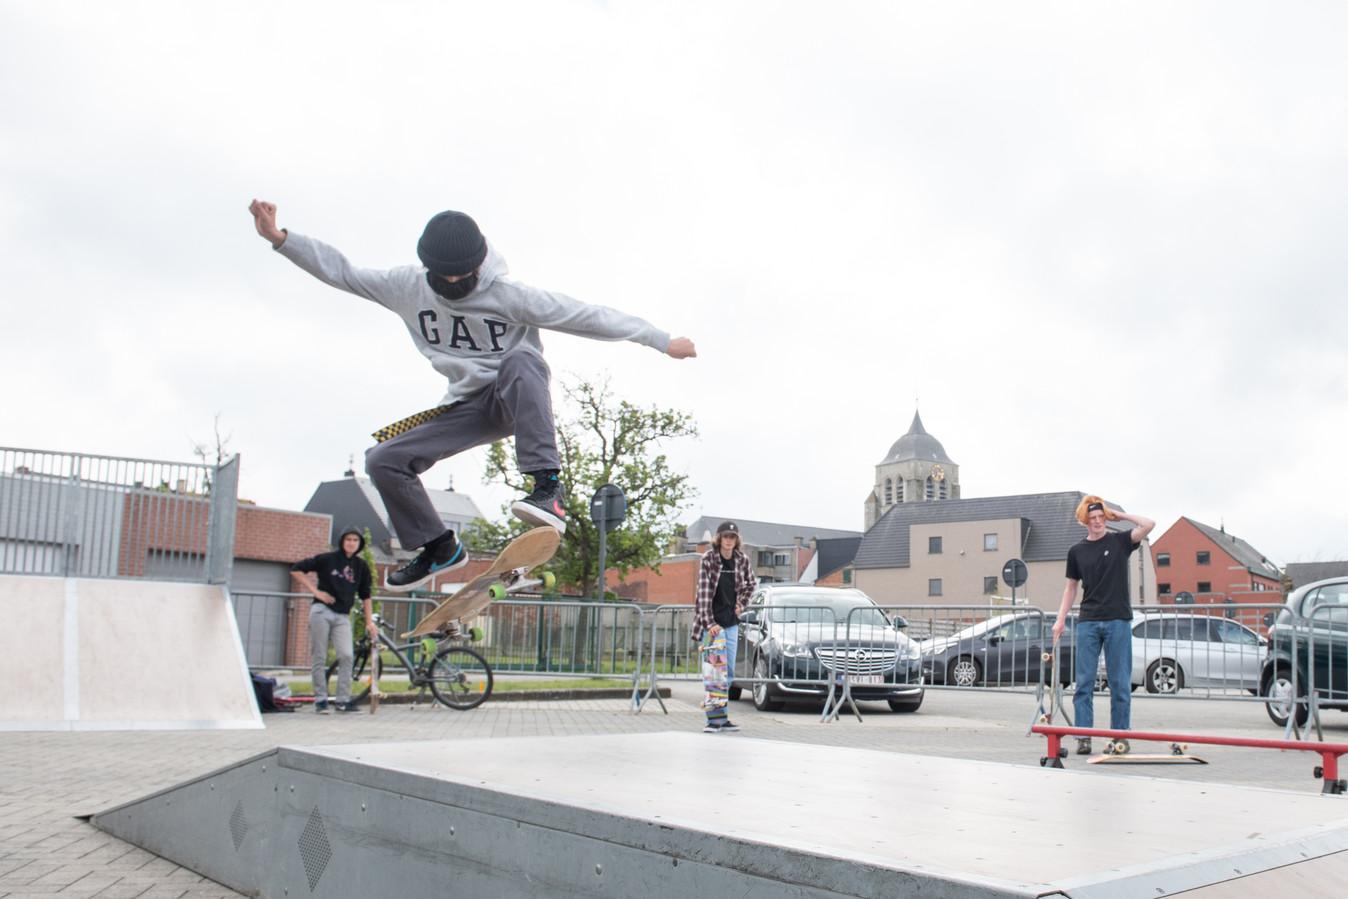 Skaters leven zich nu nog uit op de parking Tirse, maar verhuizen binnenkort naar een terrein verderop richting Driehoekstraat.